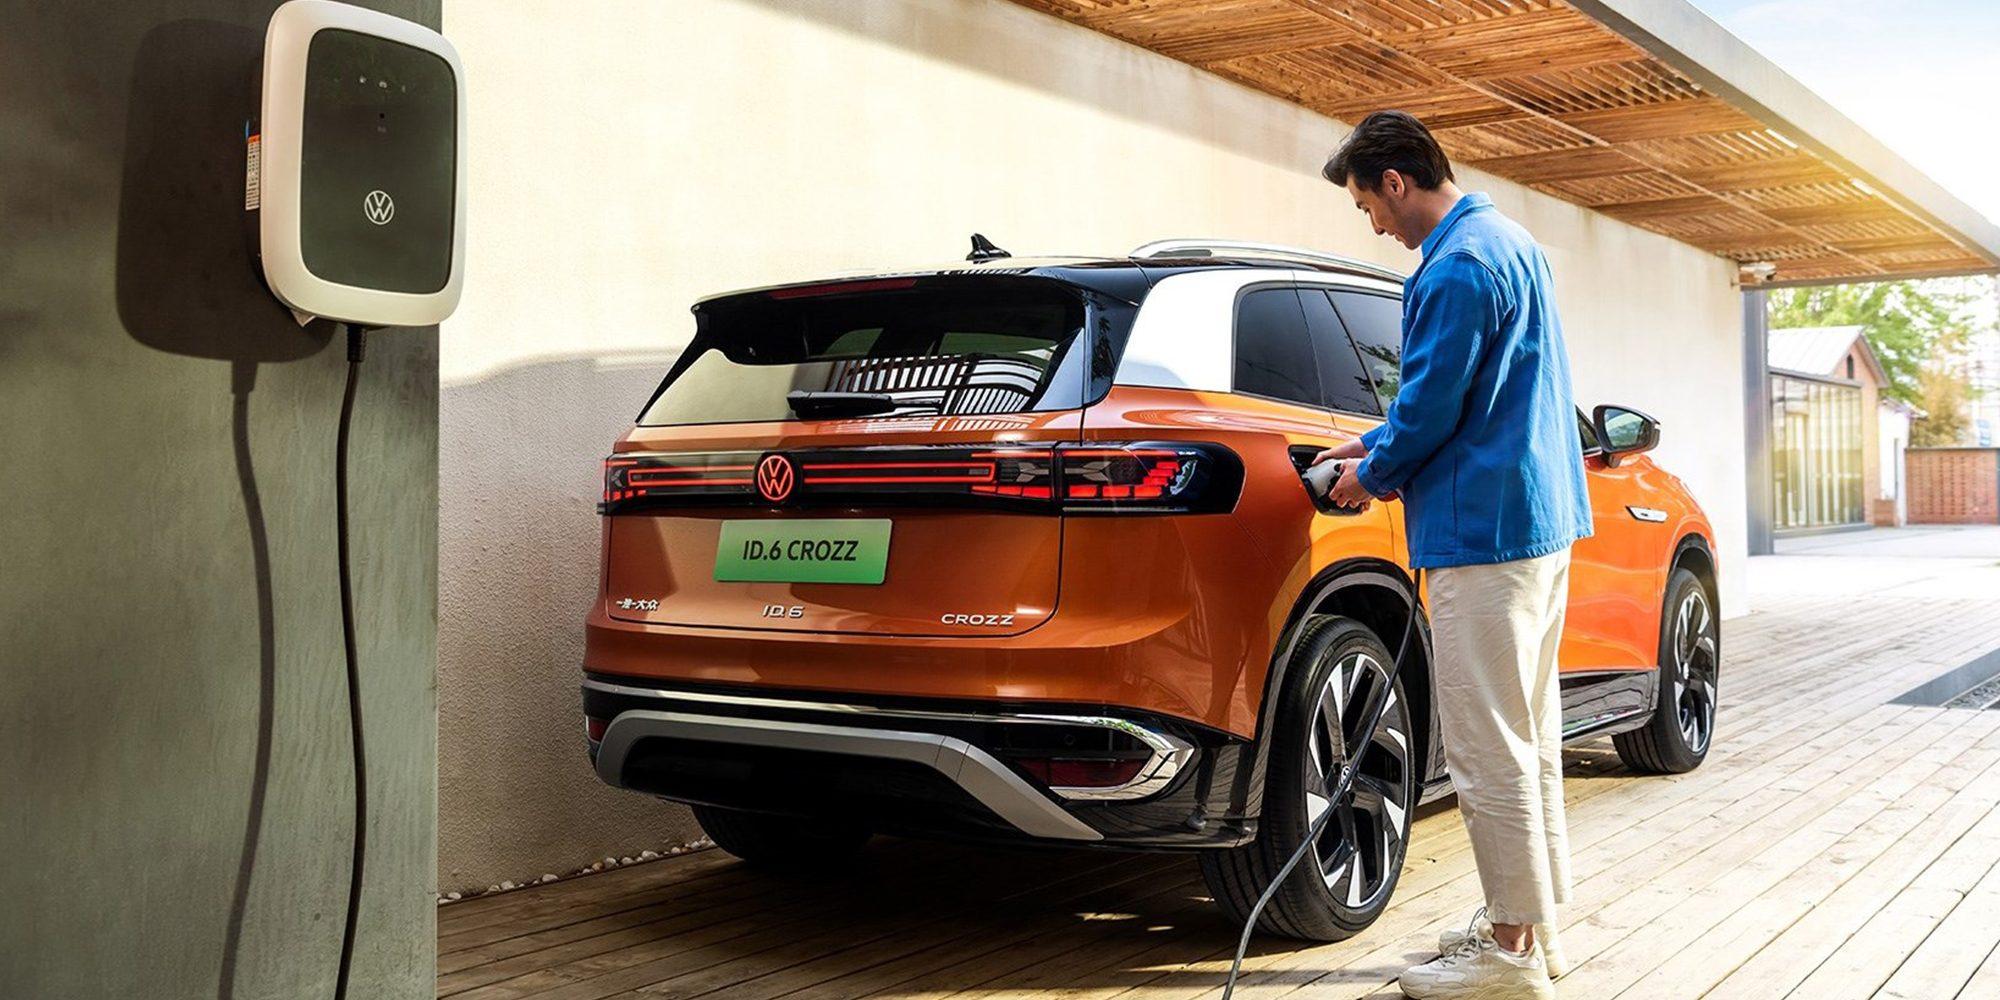 VW ID.6 rẻ hơn đáng kể đối thủ Tesla Model Y.